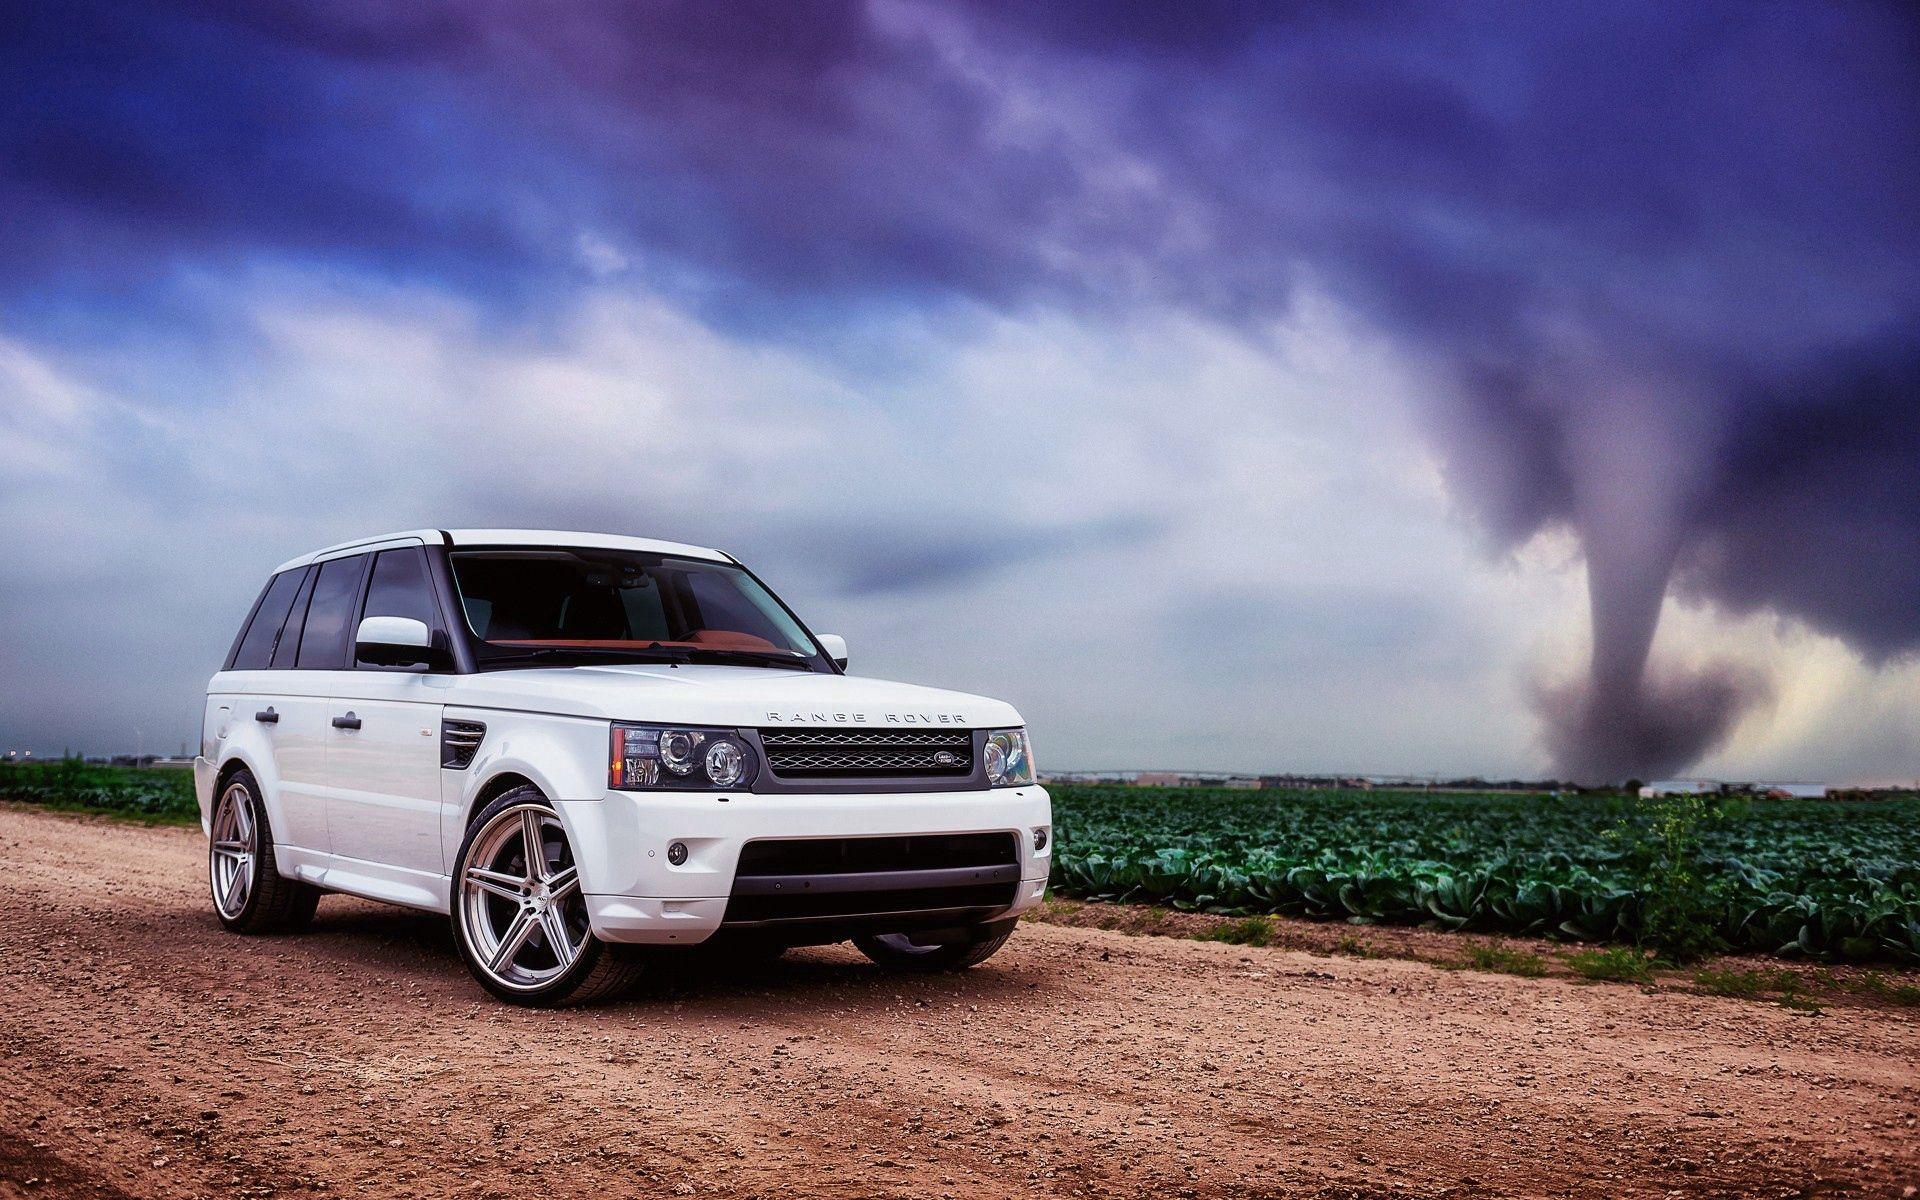 53948 descarga Blanco fondos de pantalla para tu teléfono gratis, Coches, Range Rover, Carro, Coche, Campo, Hierba, Cielo, Nubes Blanco imágenes y protectores de pantalla para tu teléfono